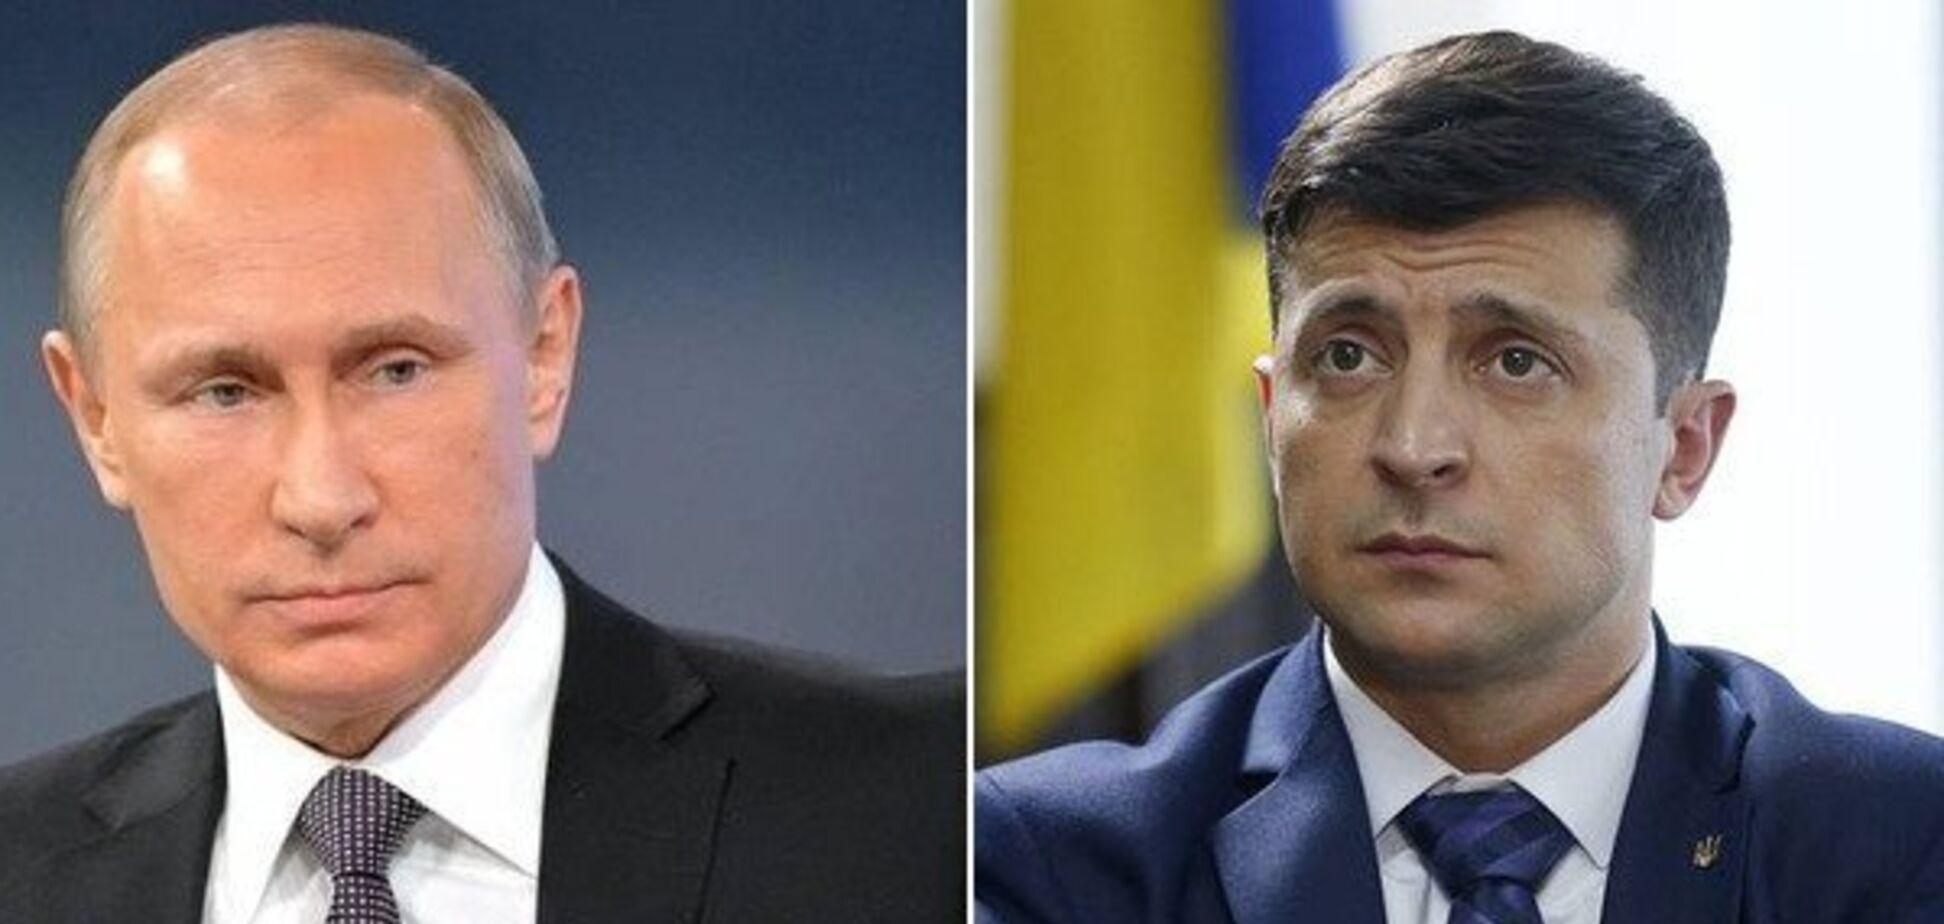 'Обставини змінилися!' З'явився прогноз про першу зустріч Зеленського з Путіним